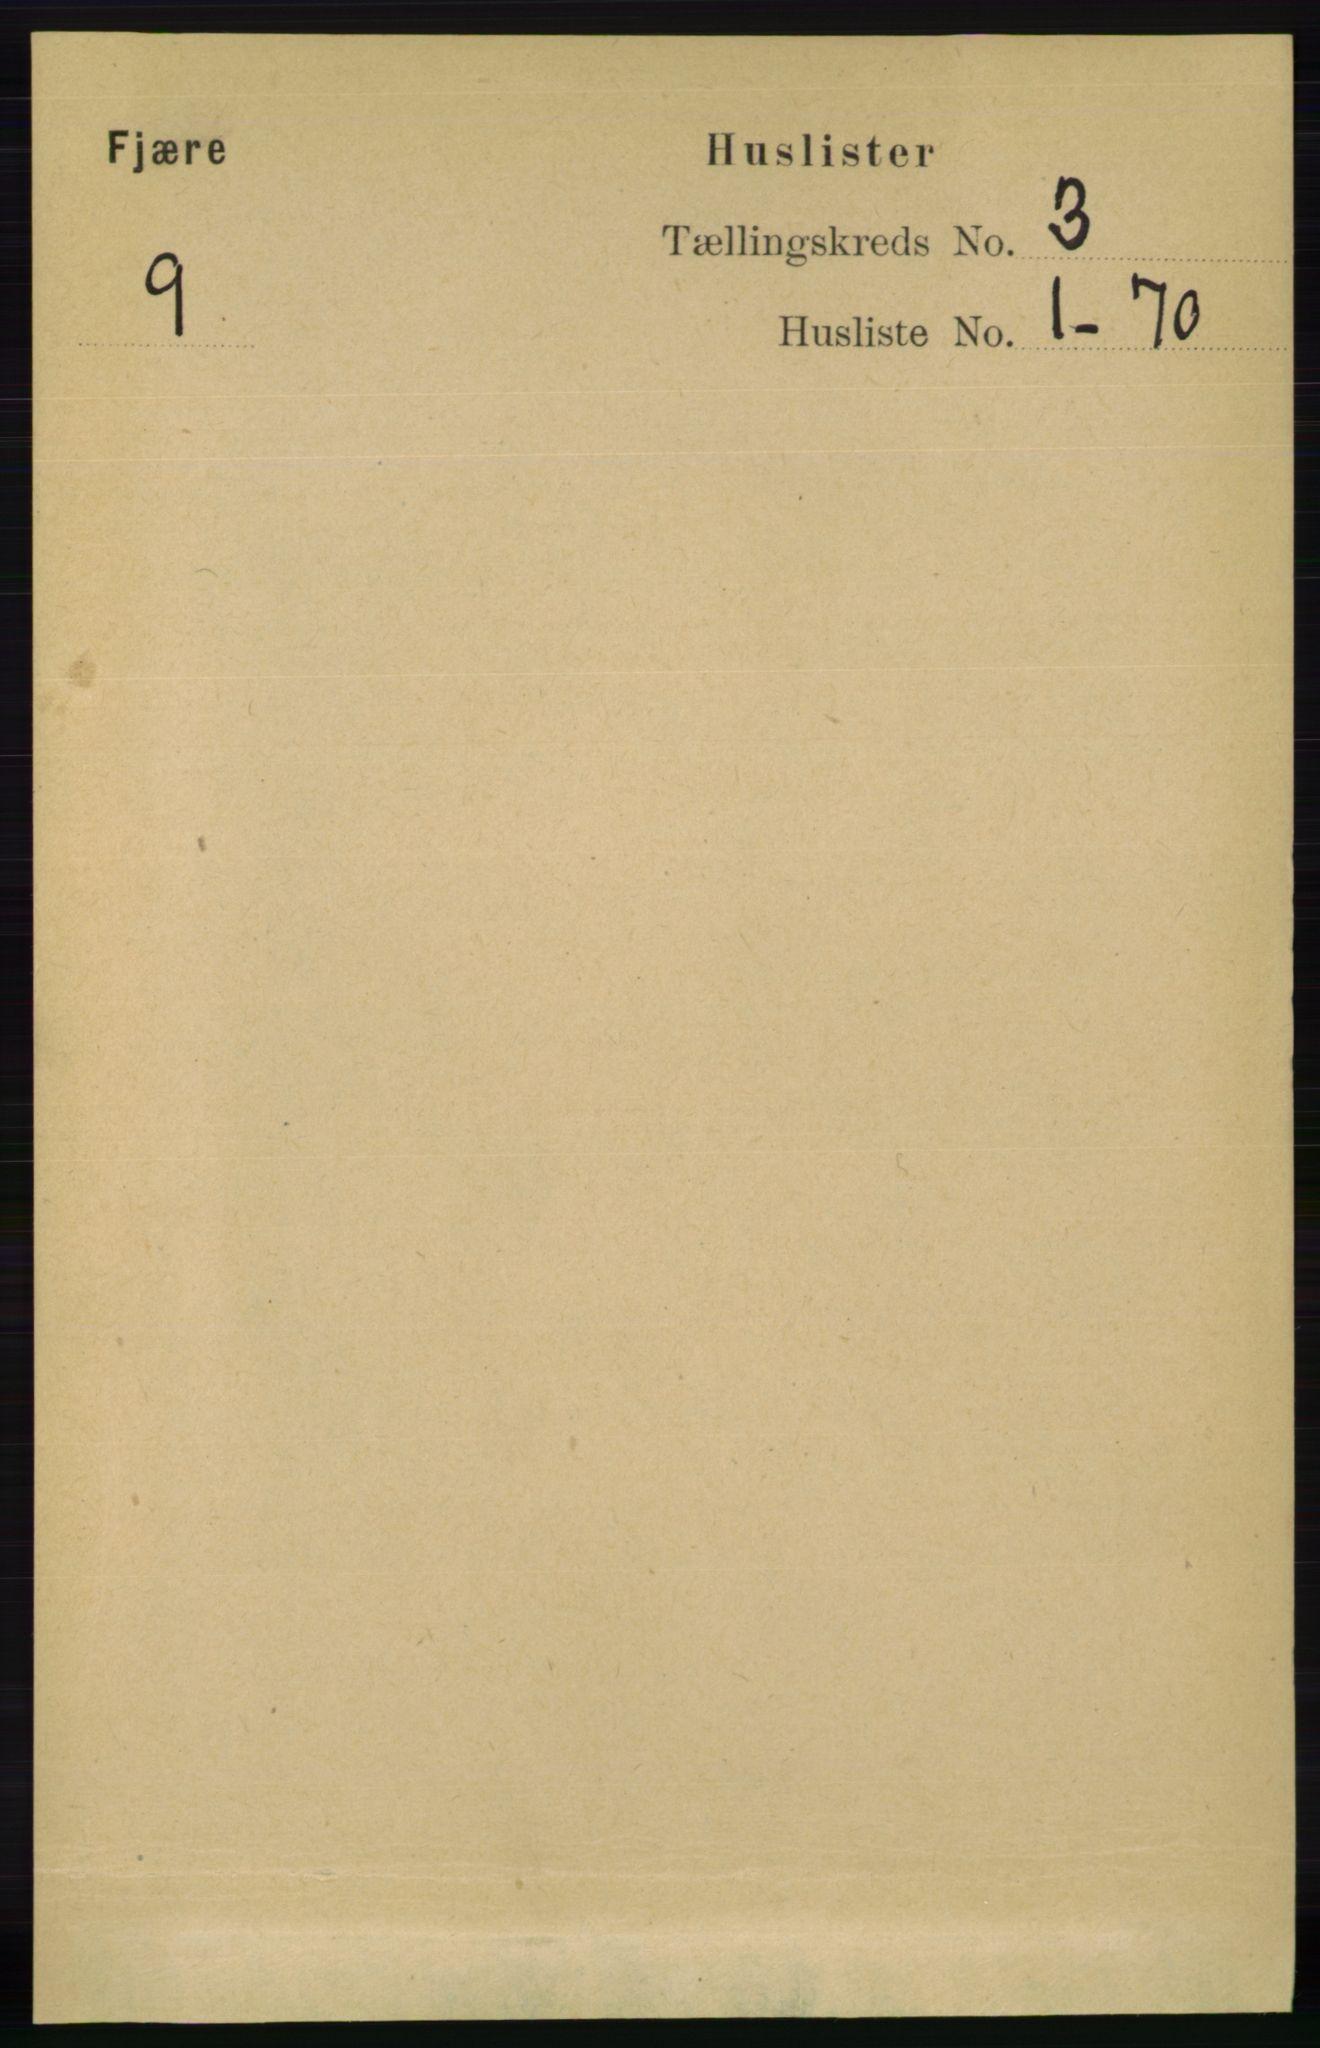 RA, Folketelling 1891 for 0923 Fjære herred, 1891, s. 1308